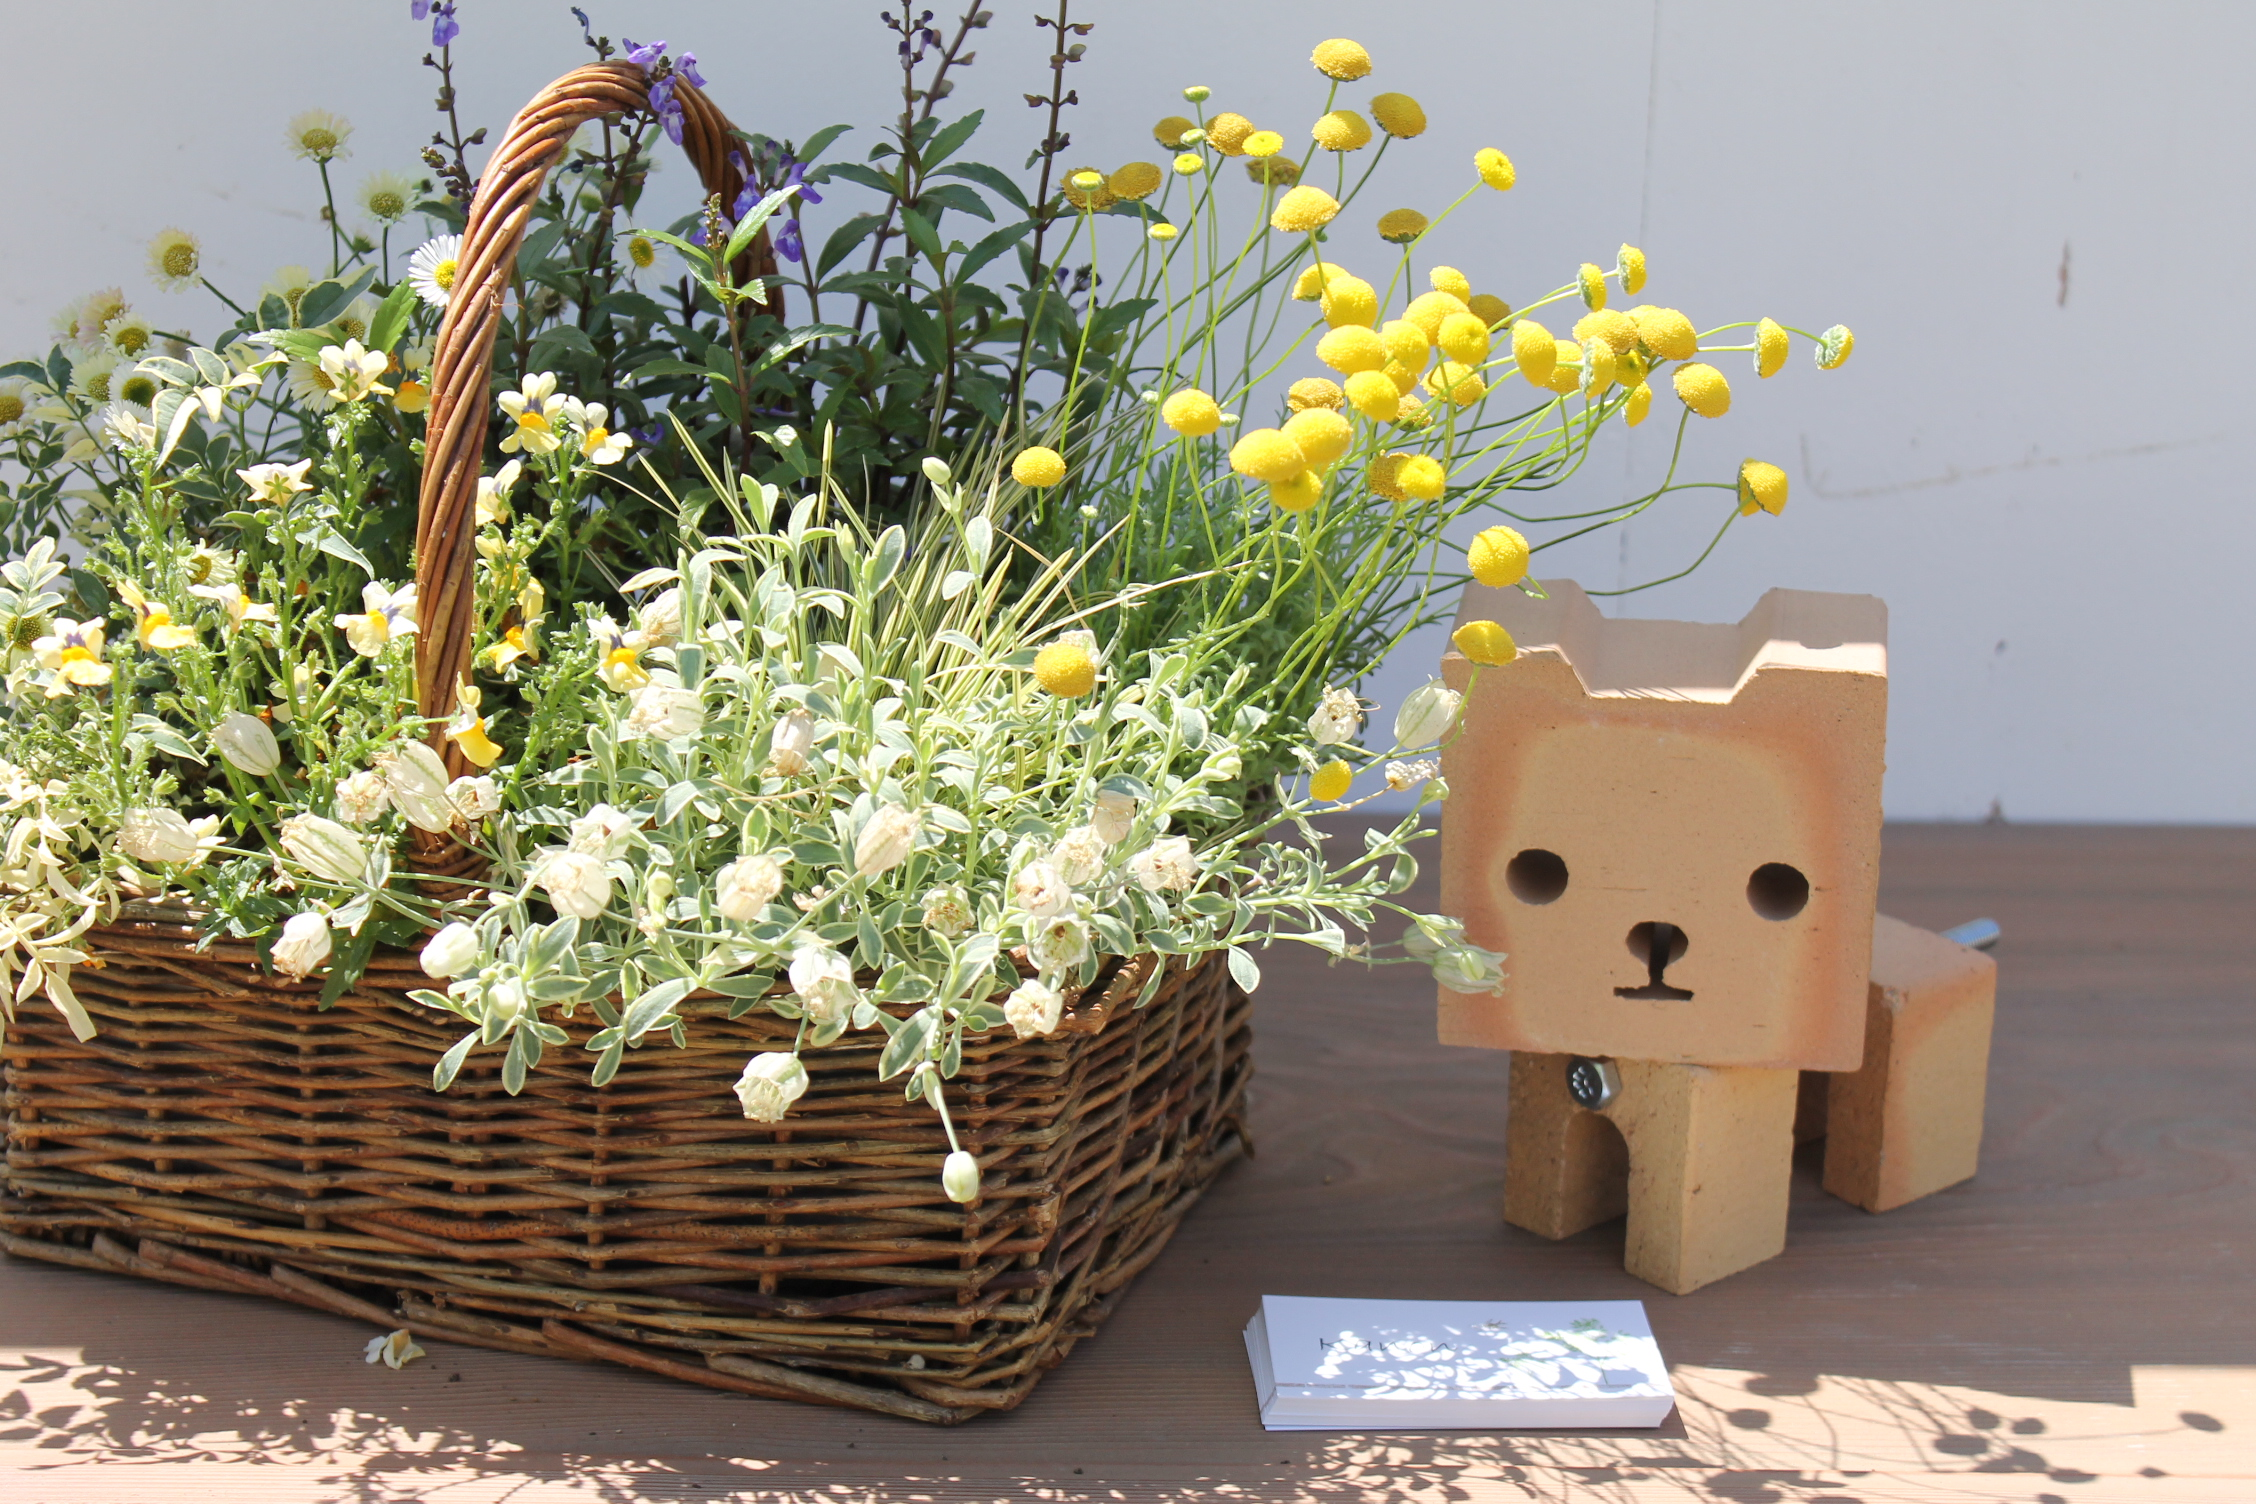 【追記あり】9月の1DAYレッスンは、秋の植物を使ってた寄せ植えを作ります!